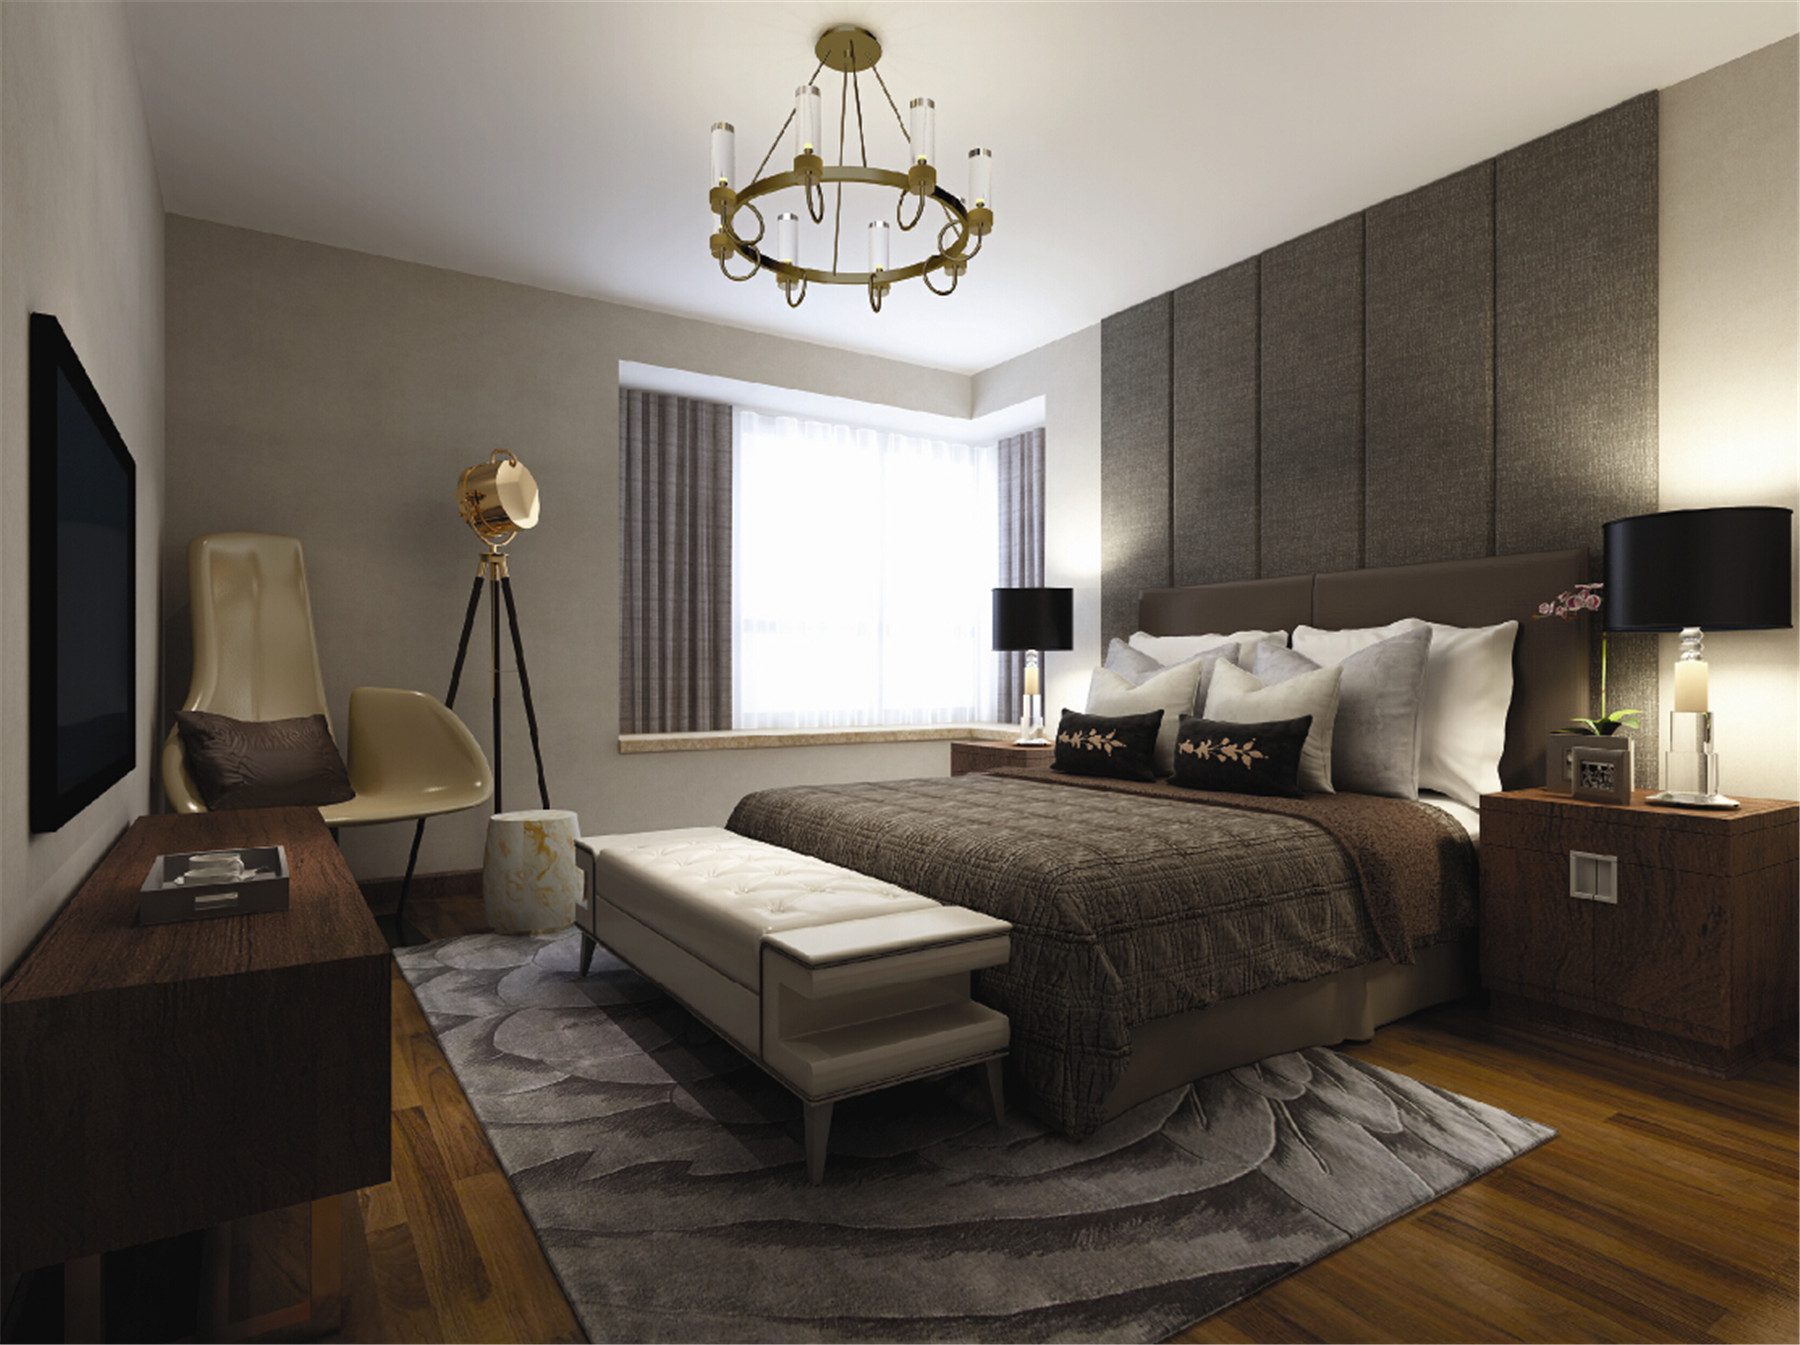 黄兴绿园 装修设计 现代风格 腾龙设计 季蓓菁作品 卧室图片来自腾龙设计在黄兴绿园别墅装修现代风格设计的分享